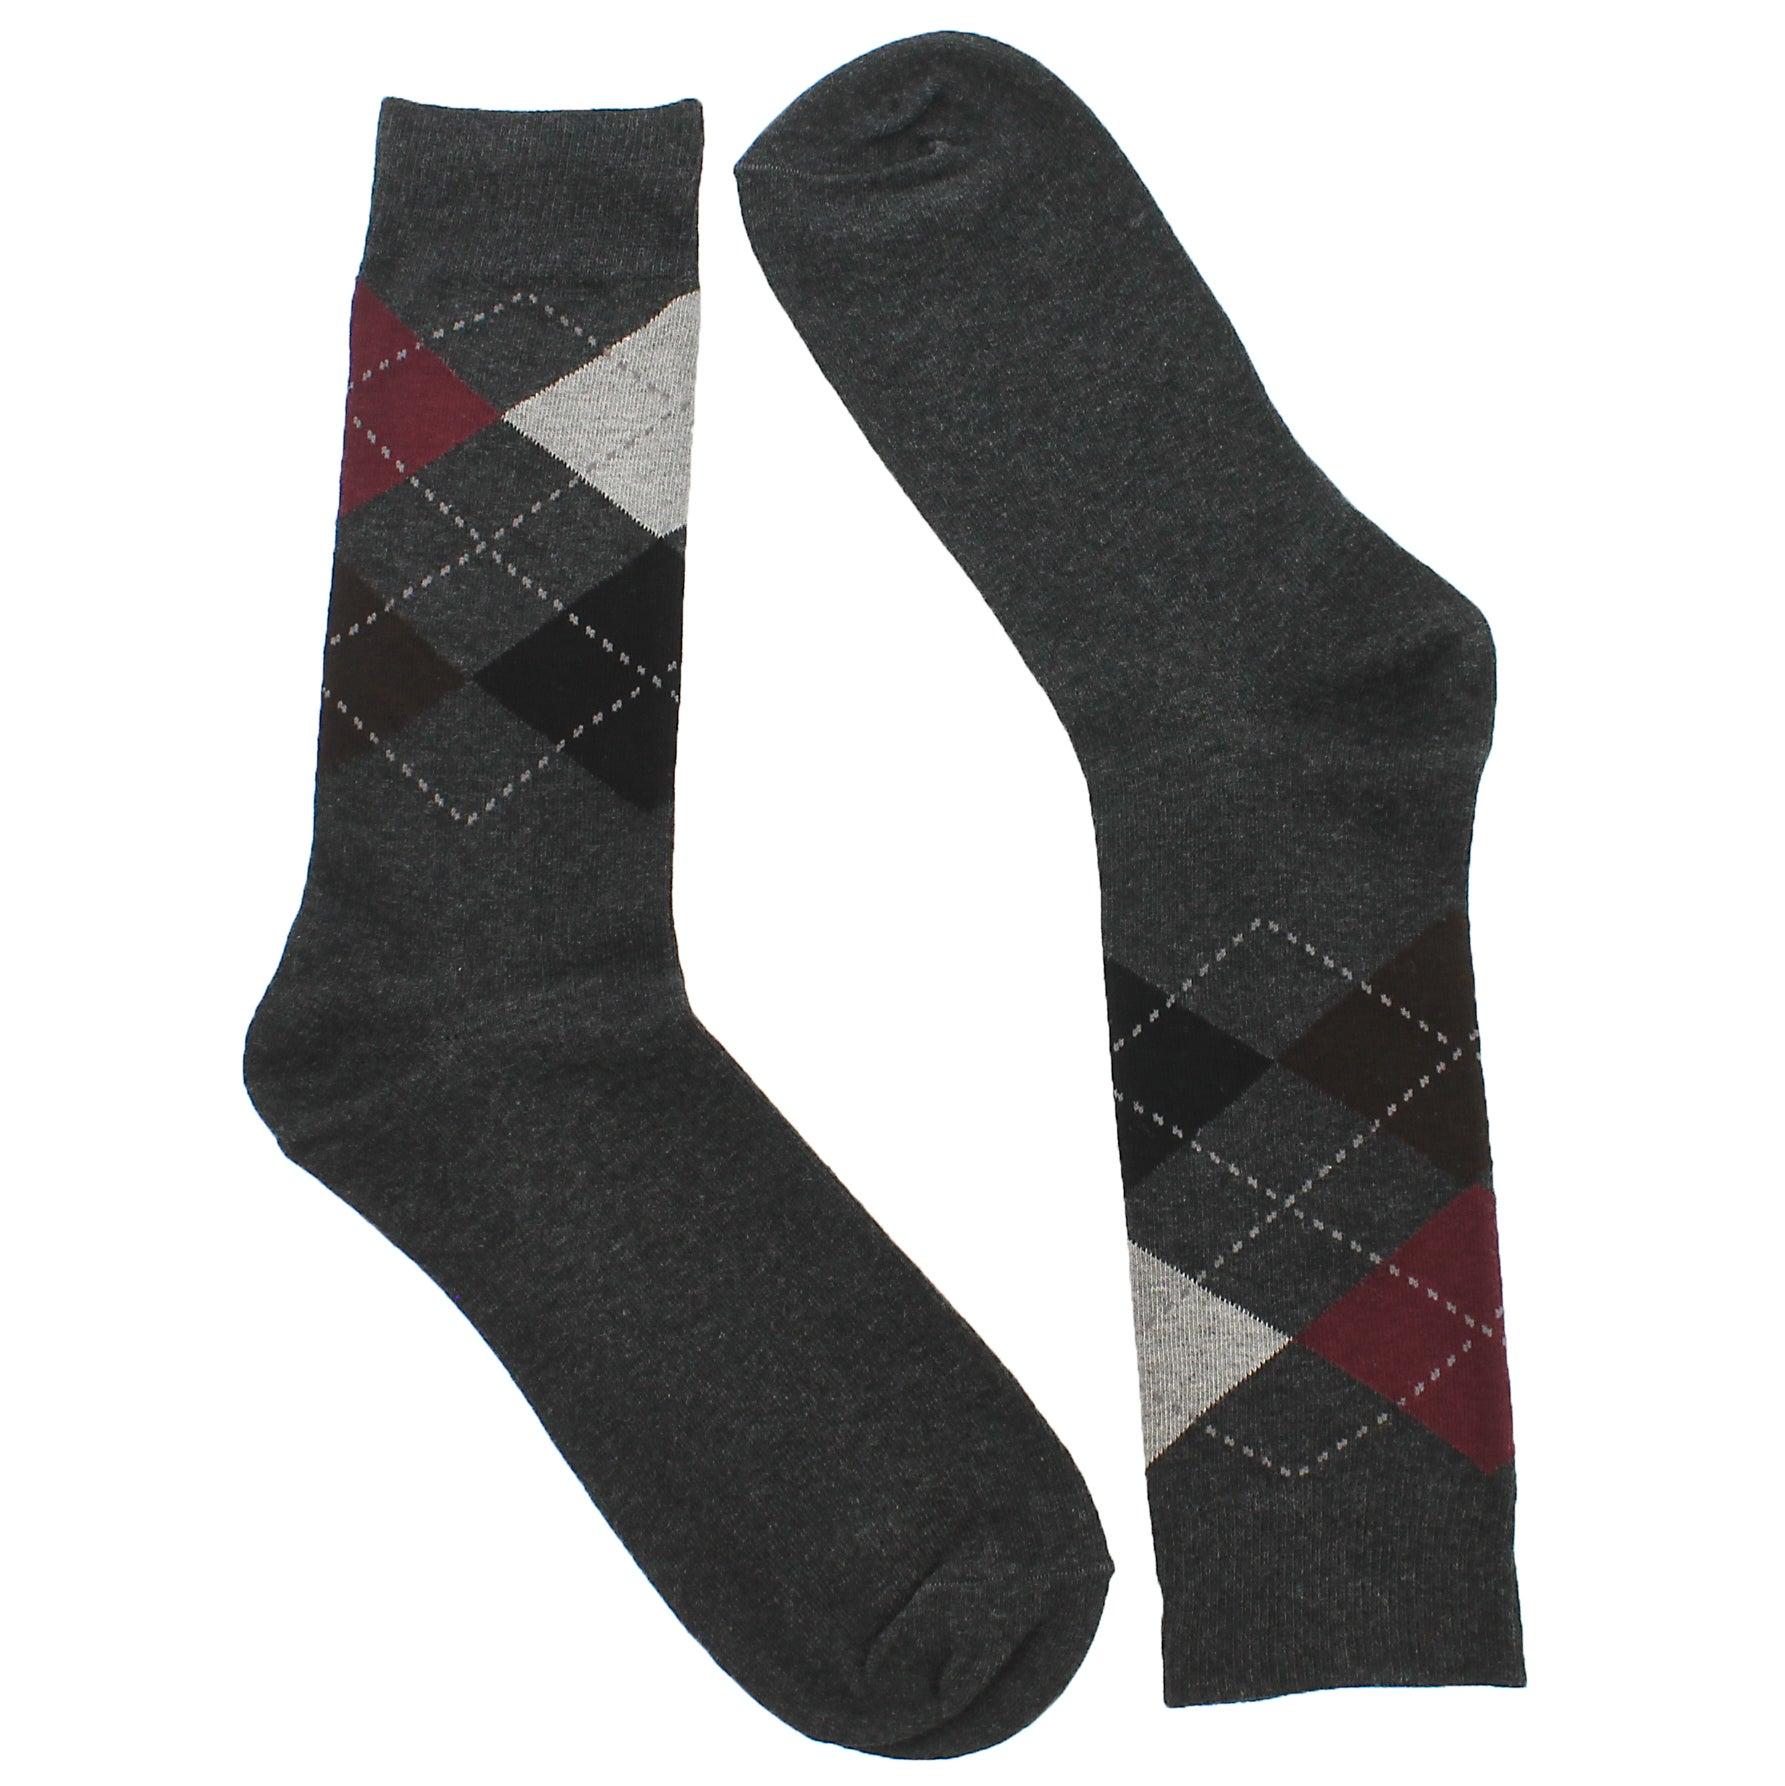 Mns Argyle 2 Ply Crew charcoal sock 1 pk